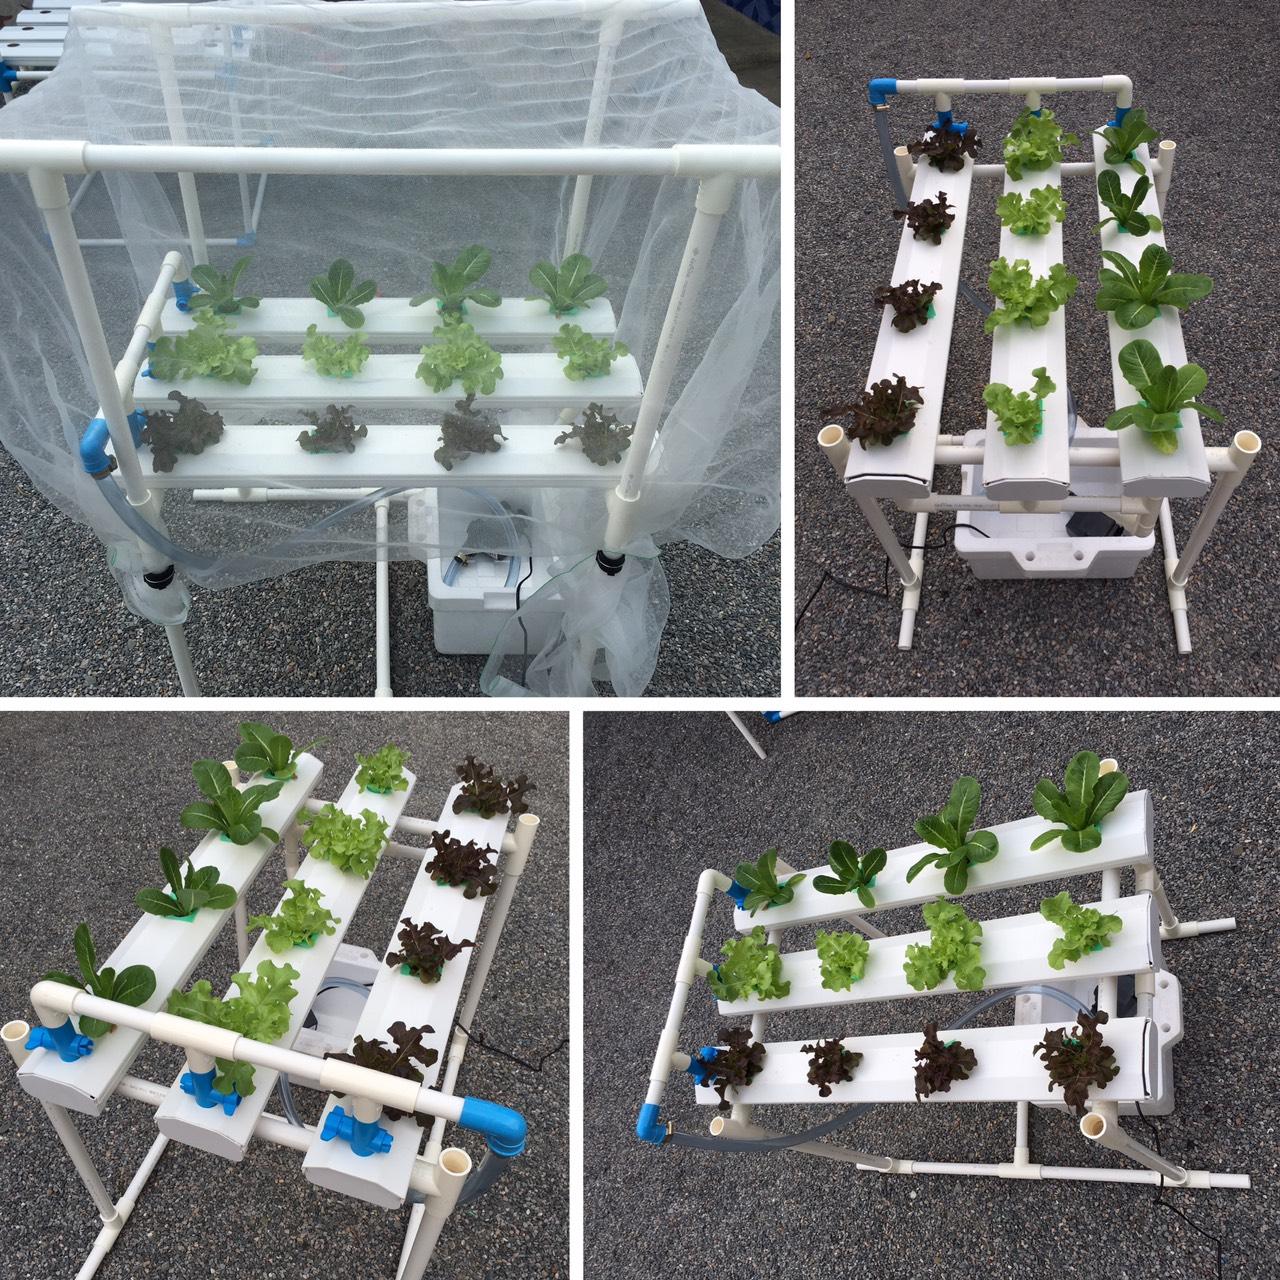 ชุดปลูกผักไร้ดิน 12 ช่องปลูก